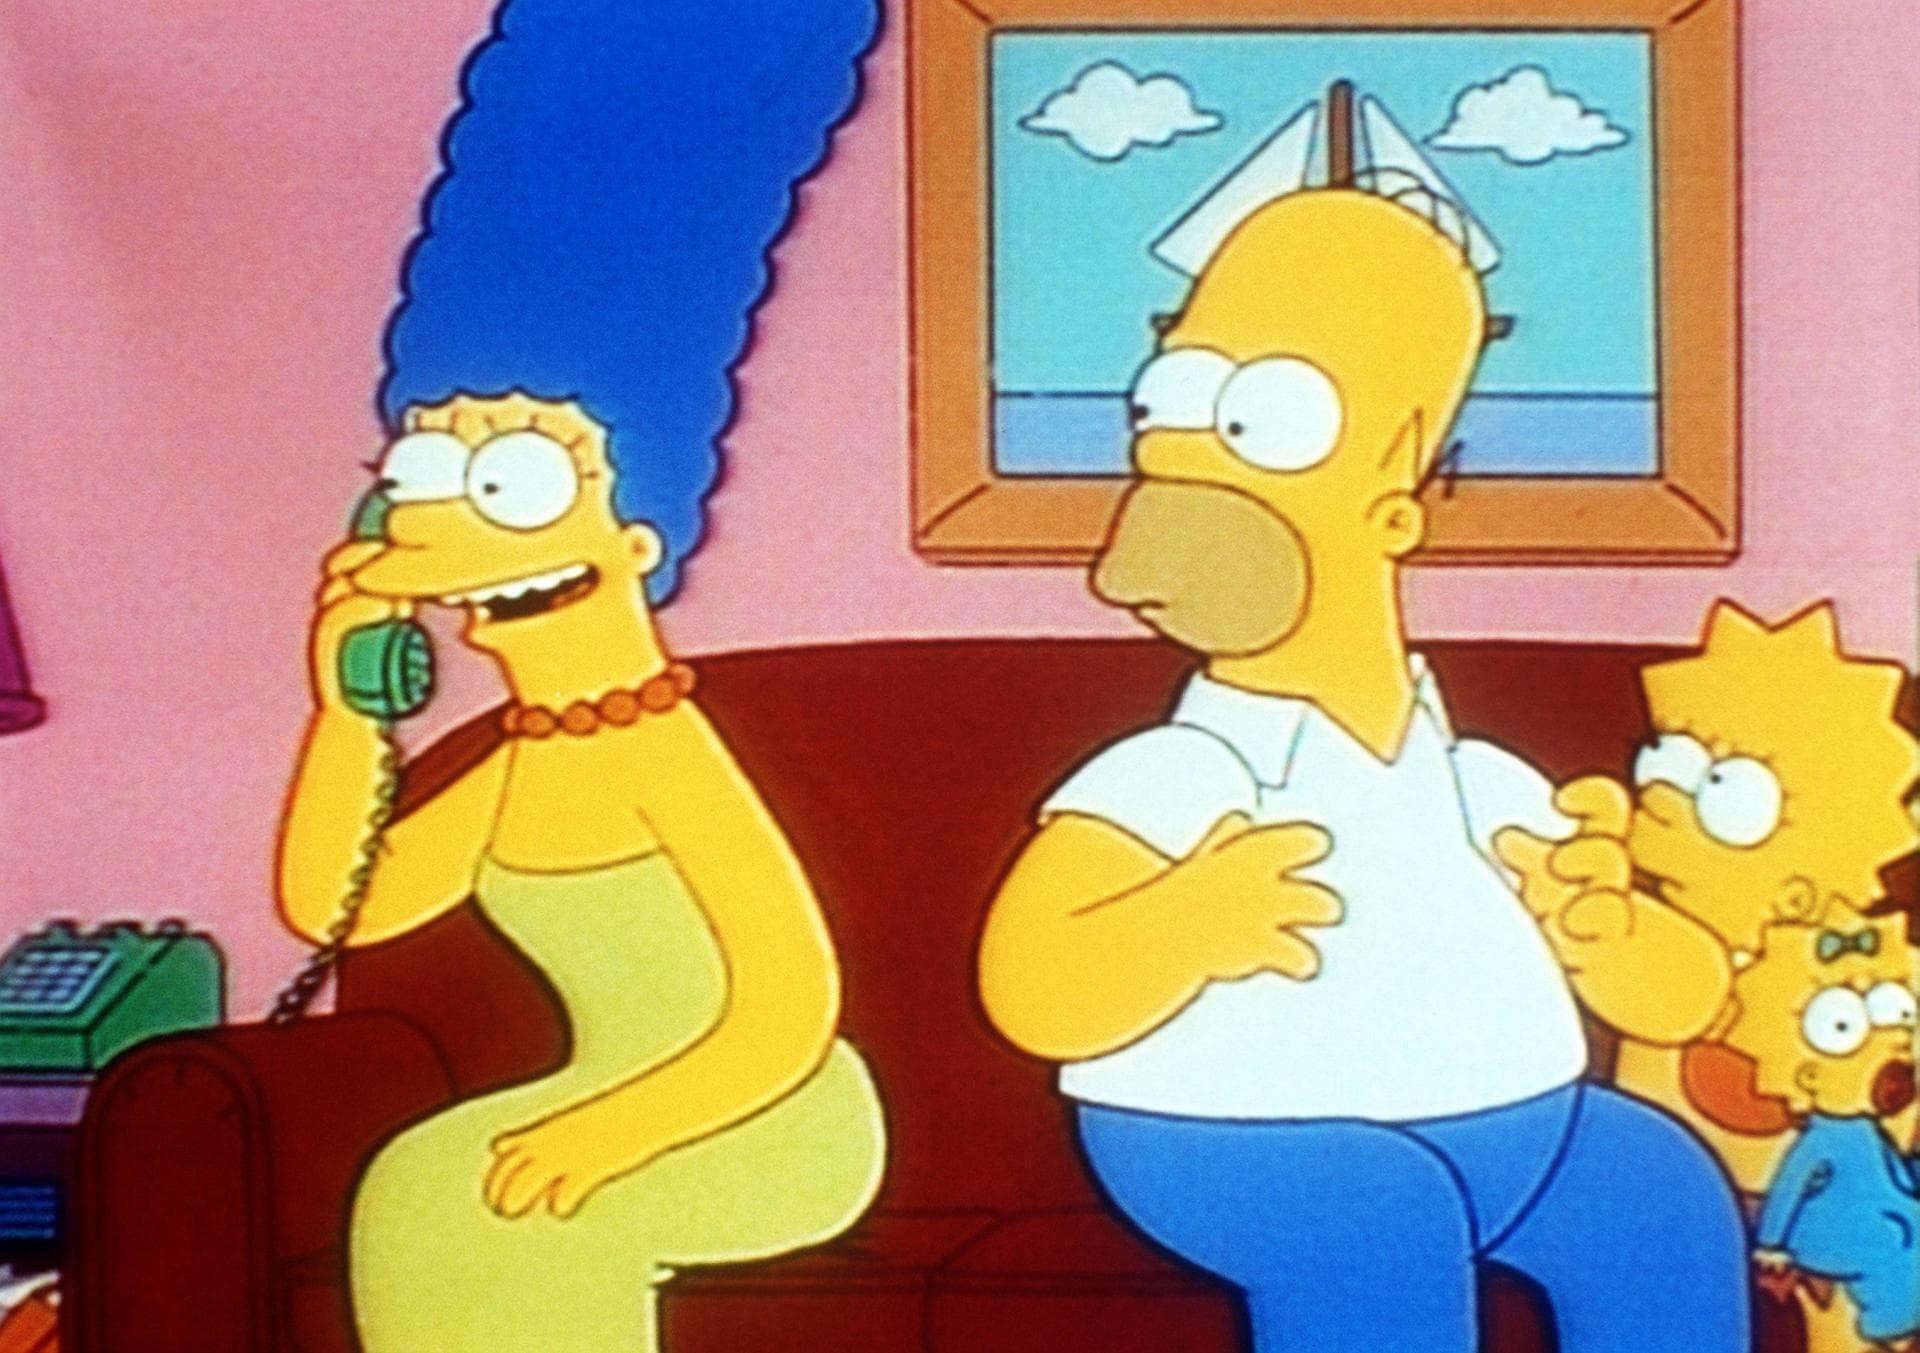 Les Simpson - Marge en cavale